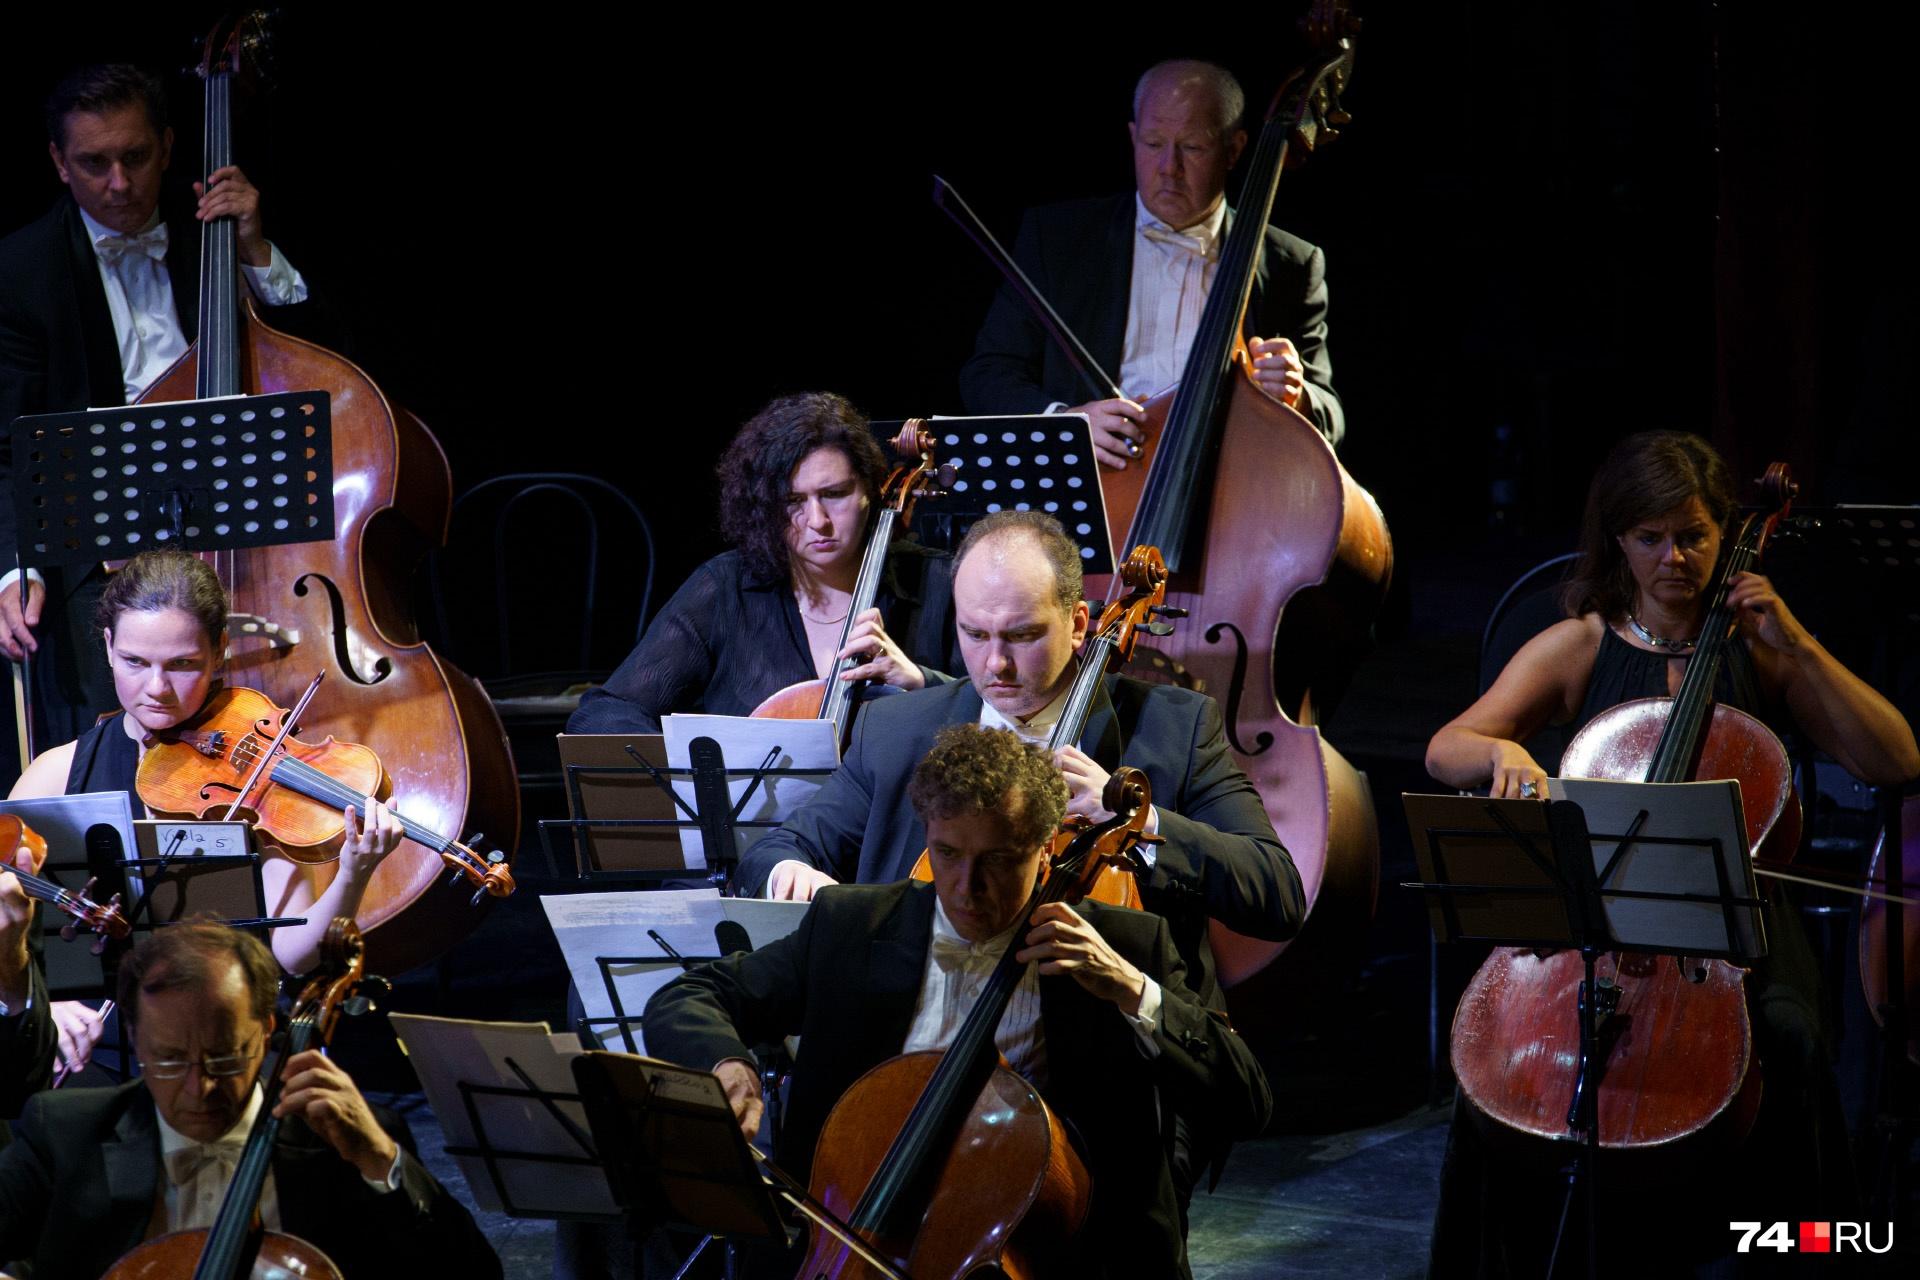 Днём музыканты выступали в концертном зале имени Прокофьева...